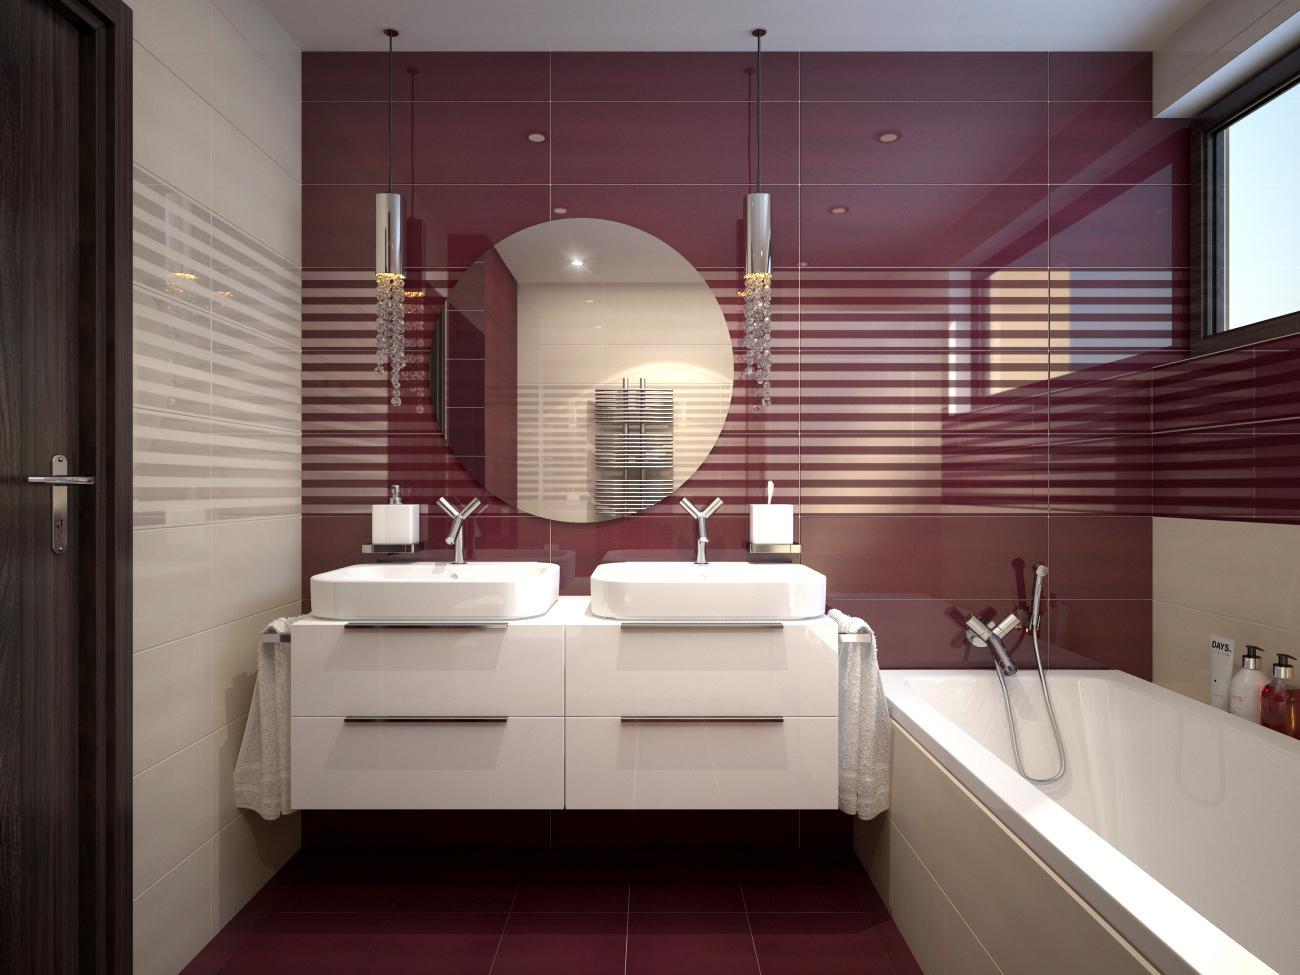 Pohľad do vašej budúcej kúpeľne - Camelia & Ibisco 25x75 - www.modernekupelne.sk/navrhy-kupelni